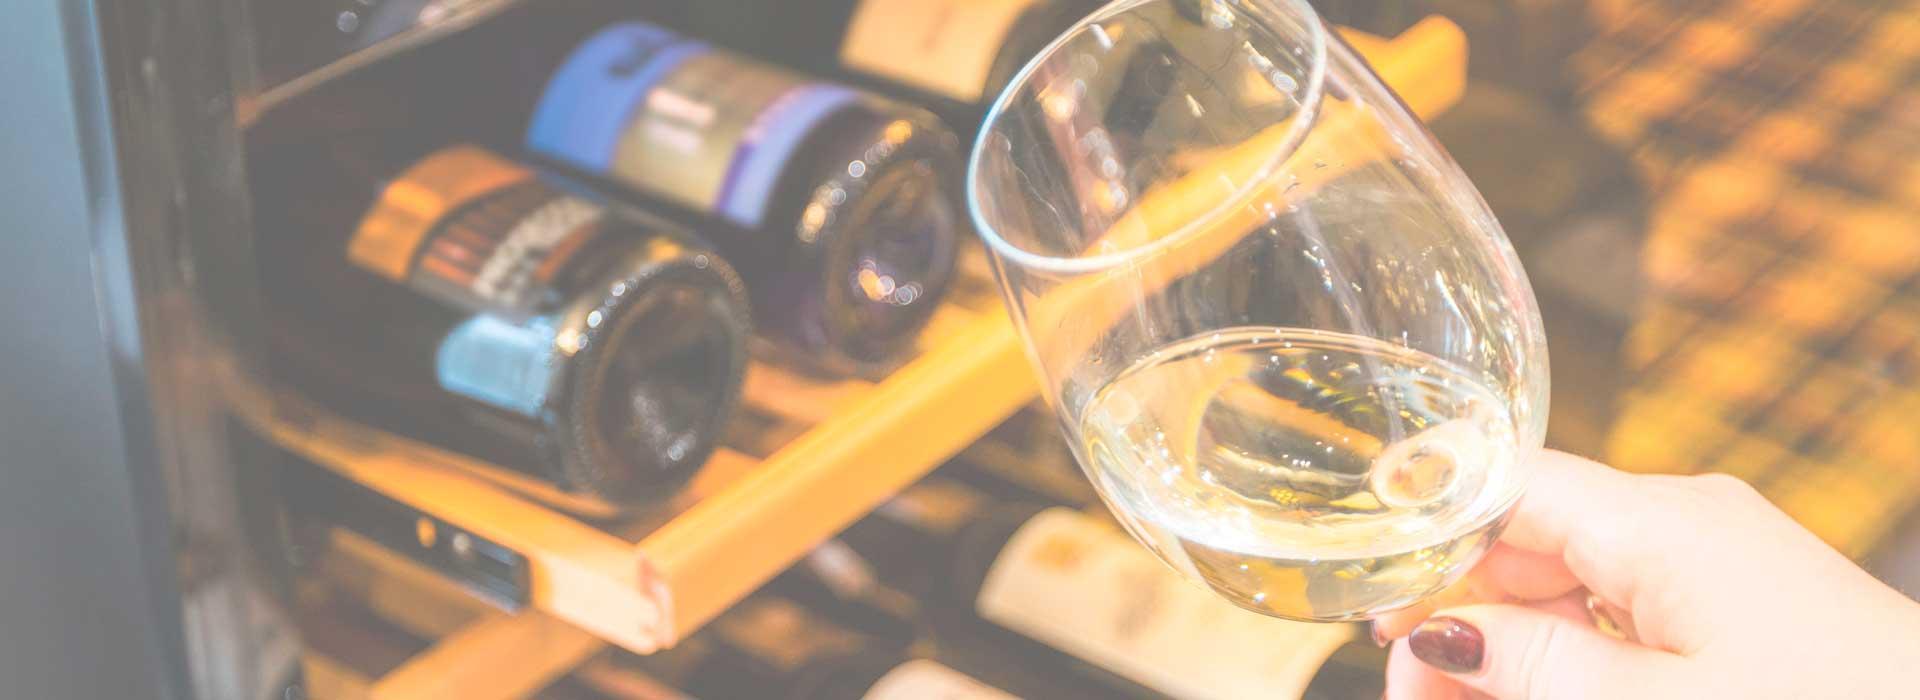 Weinklimaschränke